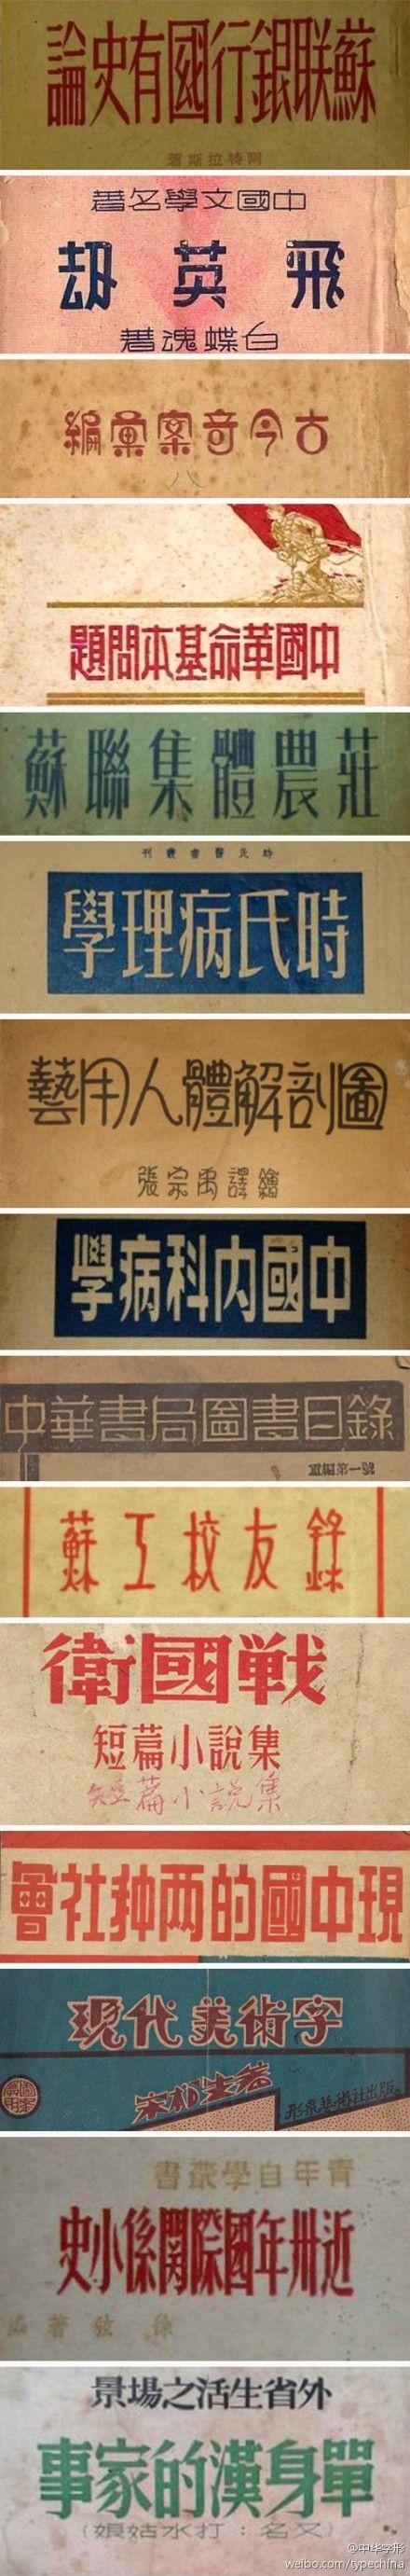 以前的老字形多为手工绘制然后排印而成